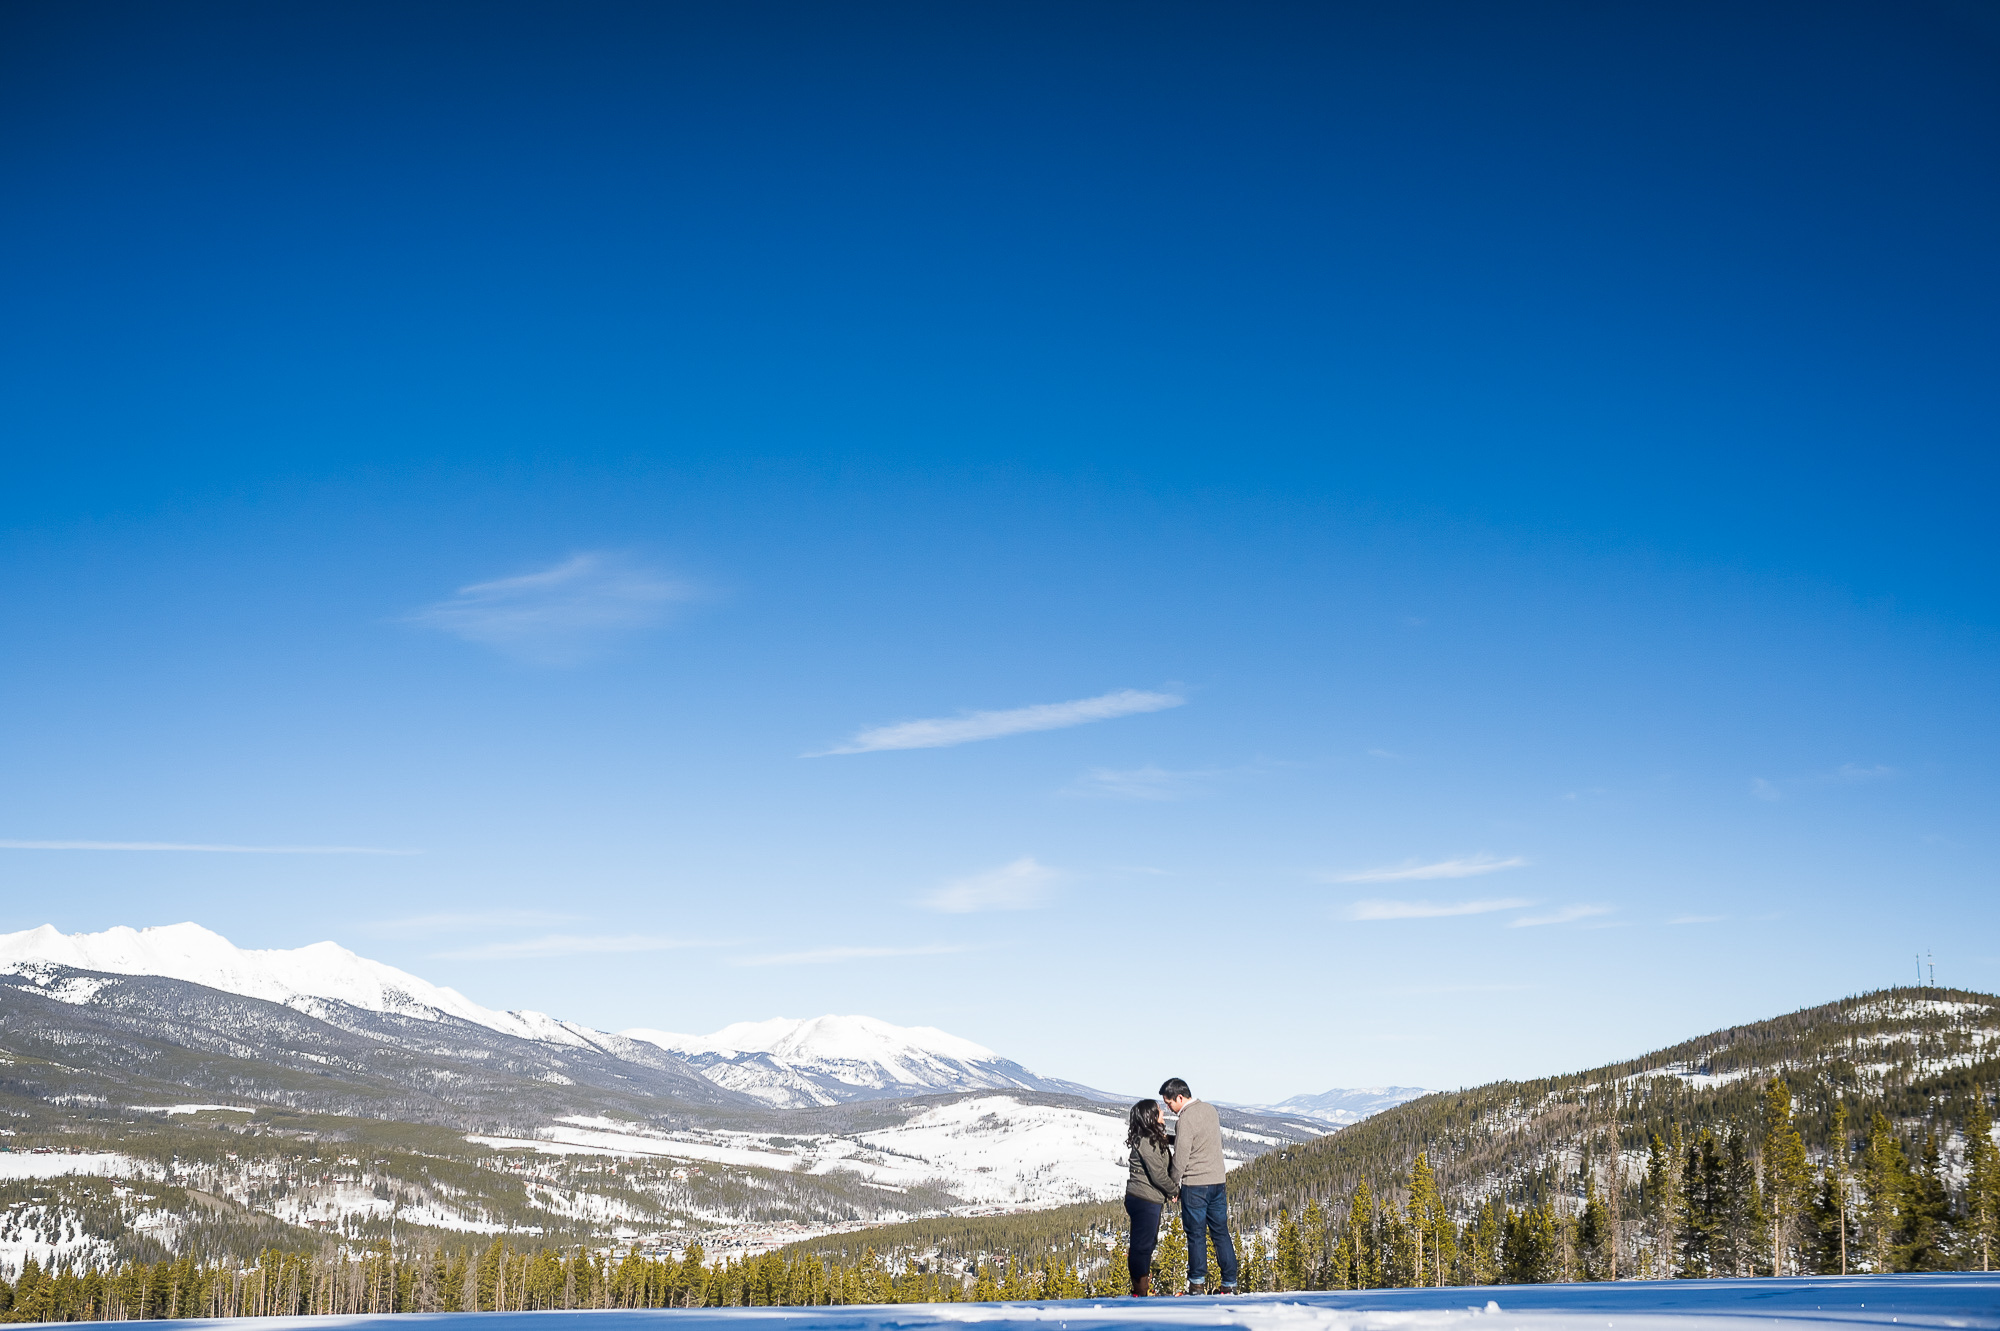 58-David Loi Studios - Denver Colorado- Destination Engagement Session-25316.jpg